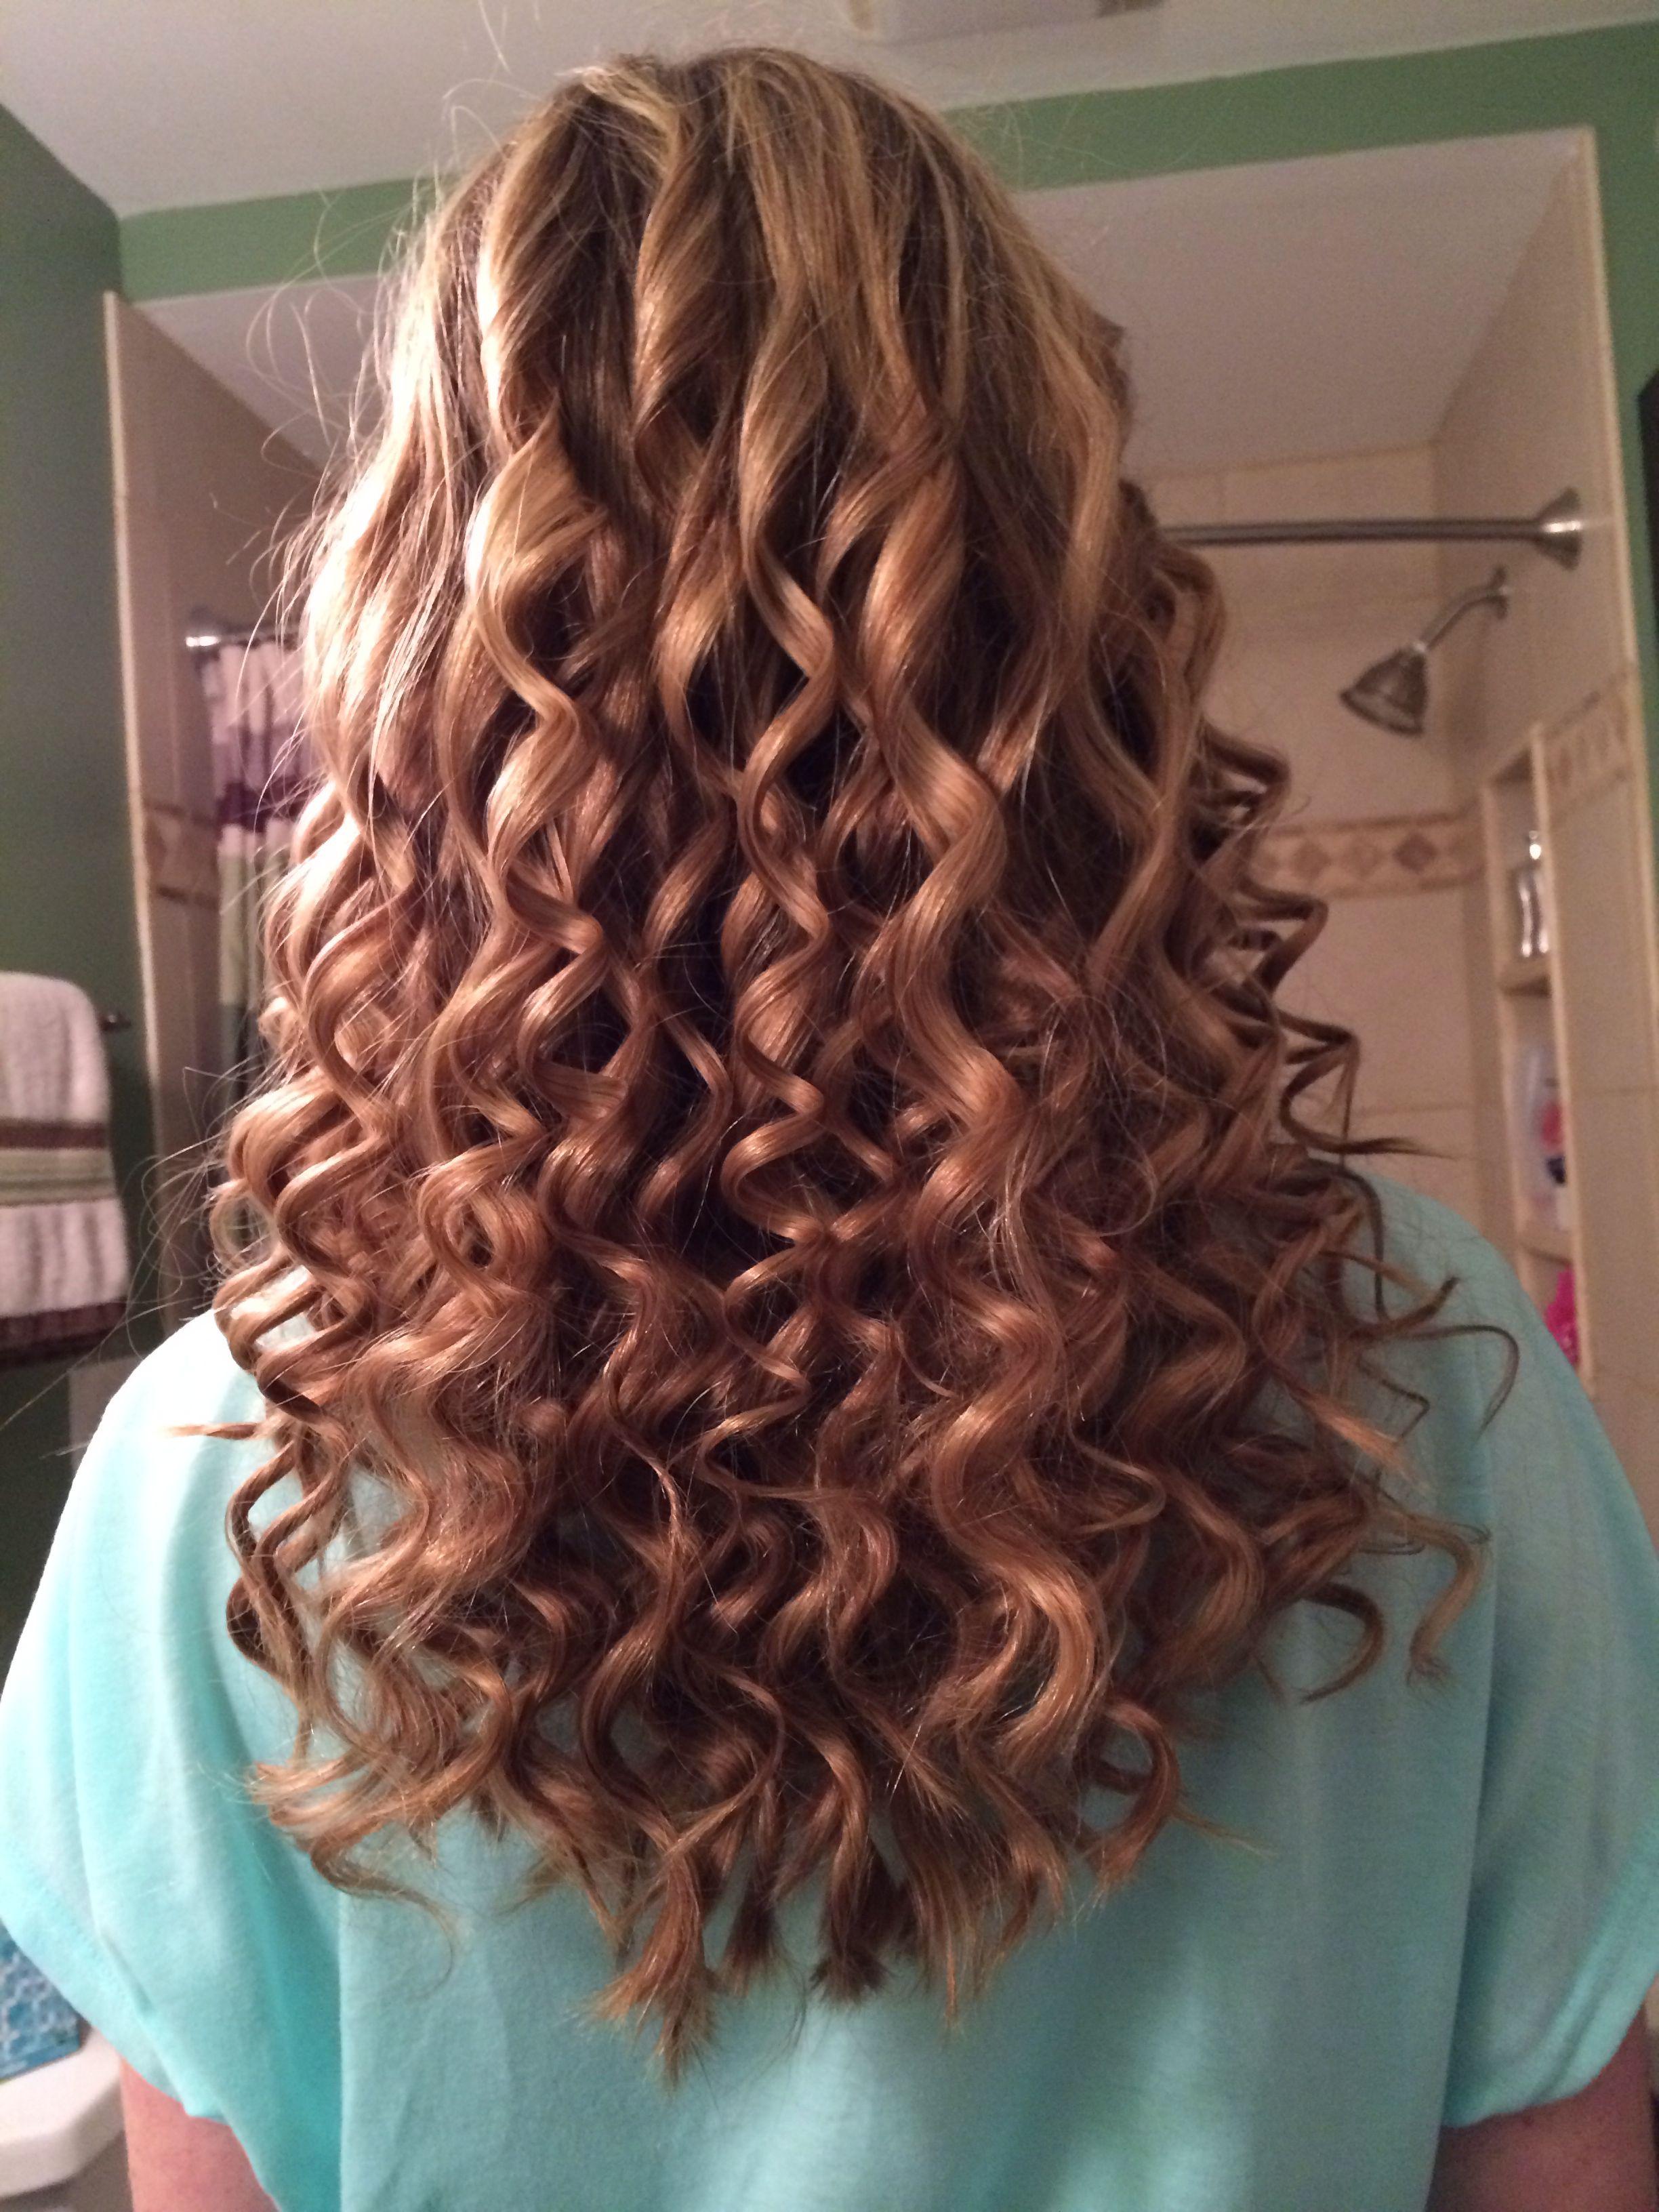 my hair yesterday! tight spiral curls! | cute hair | short